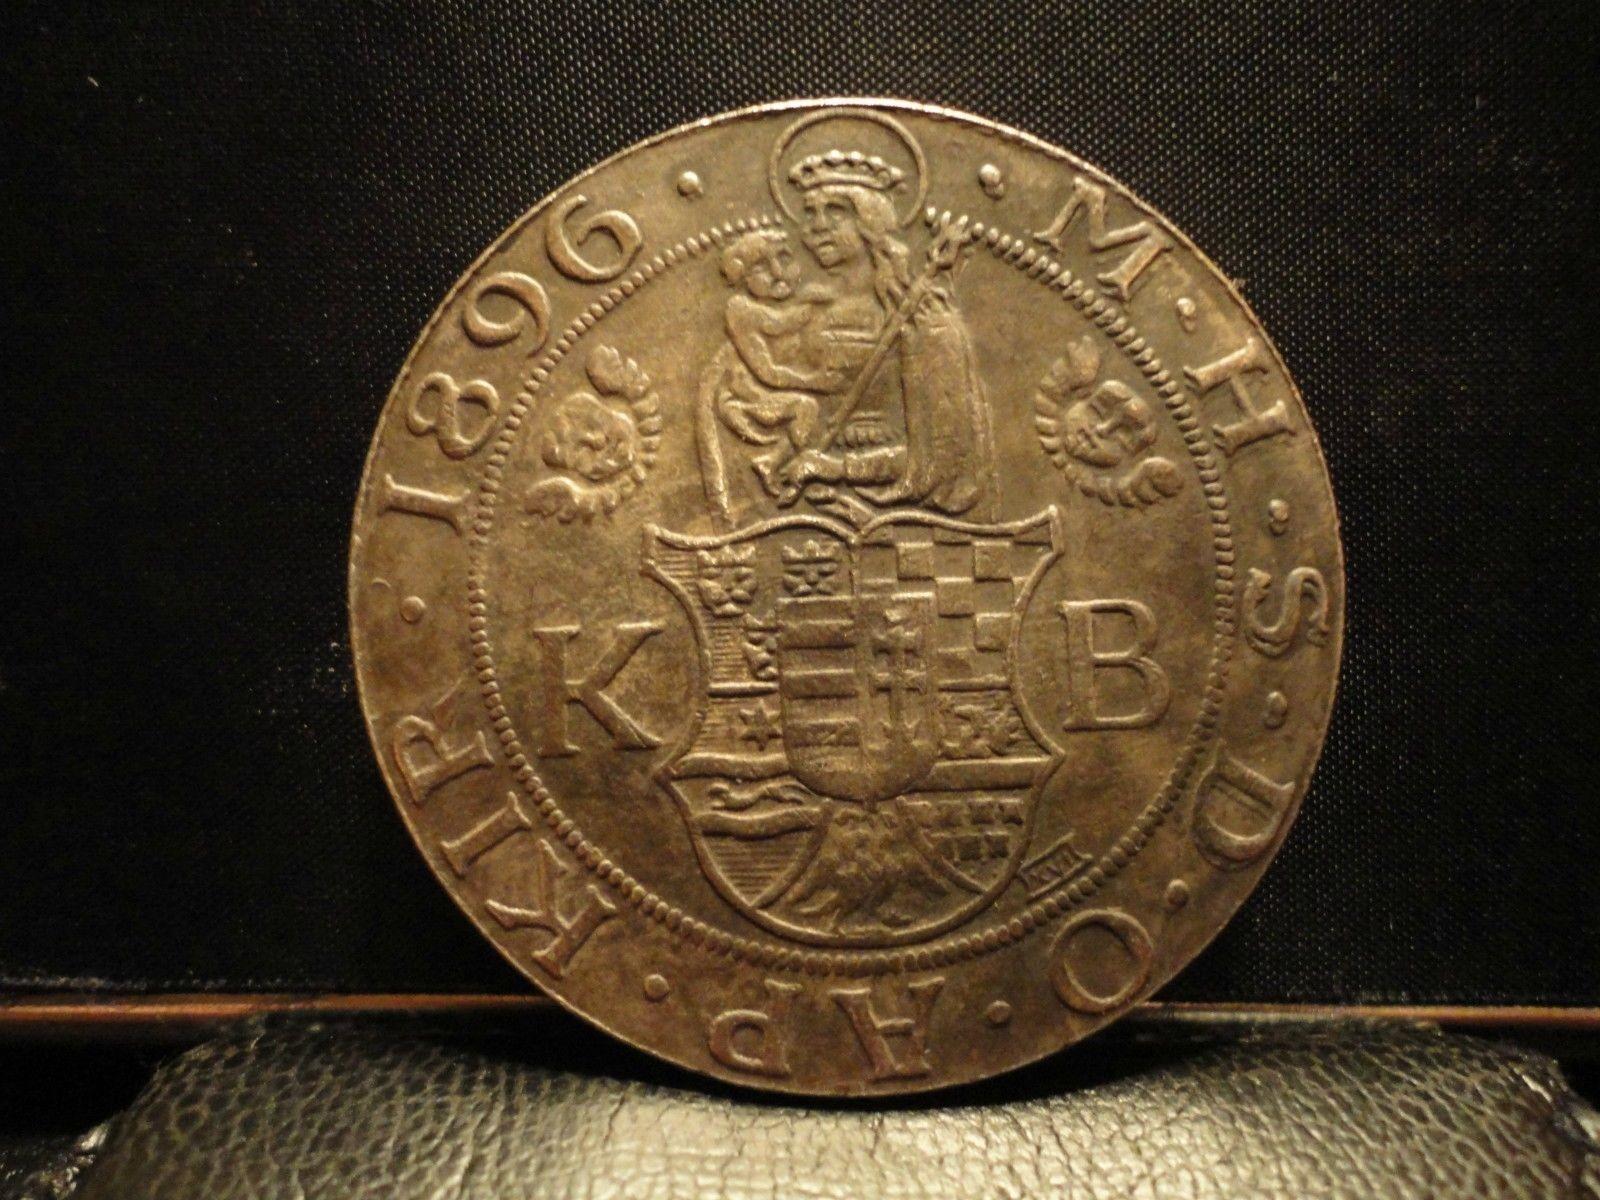 http://www.koronaportal.hu/hirek/1896-os-milleniumi-taller-emlekveret/1896-os-millenniumi-taller-kinai-hamis-replika_04.jpg